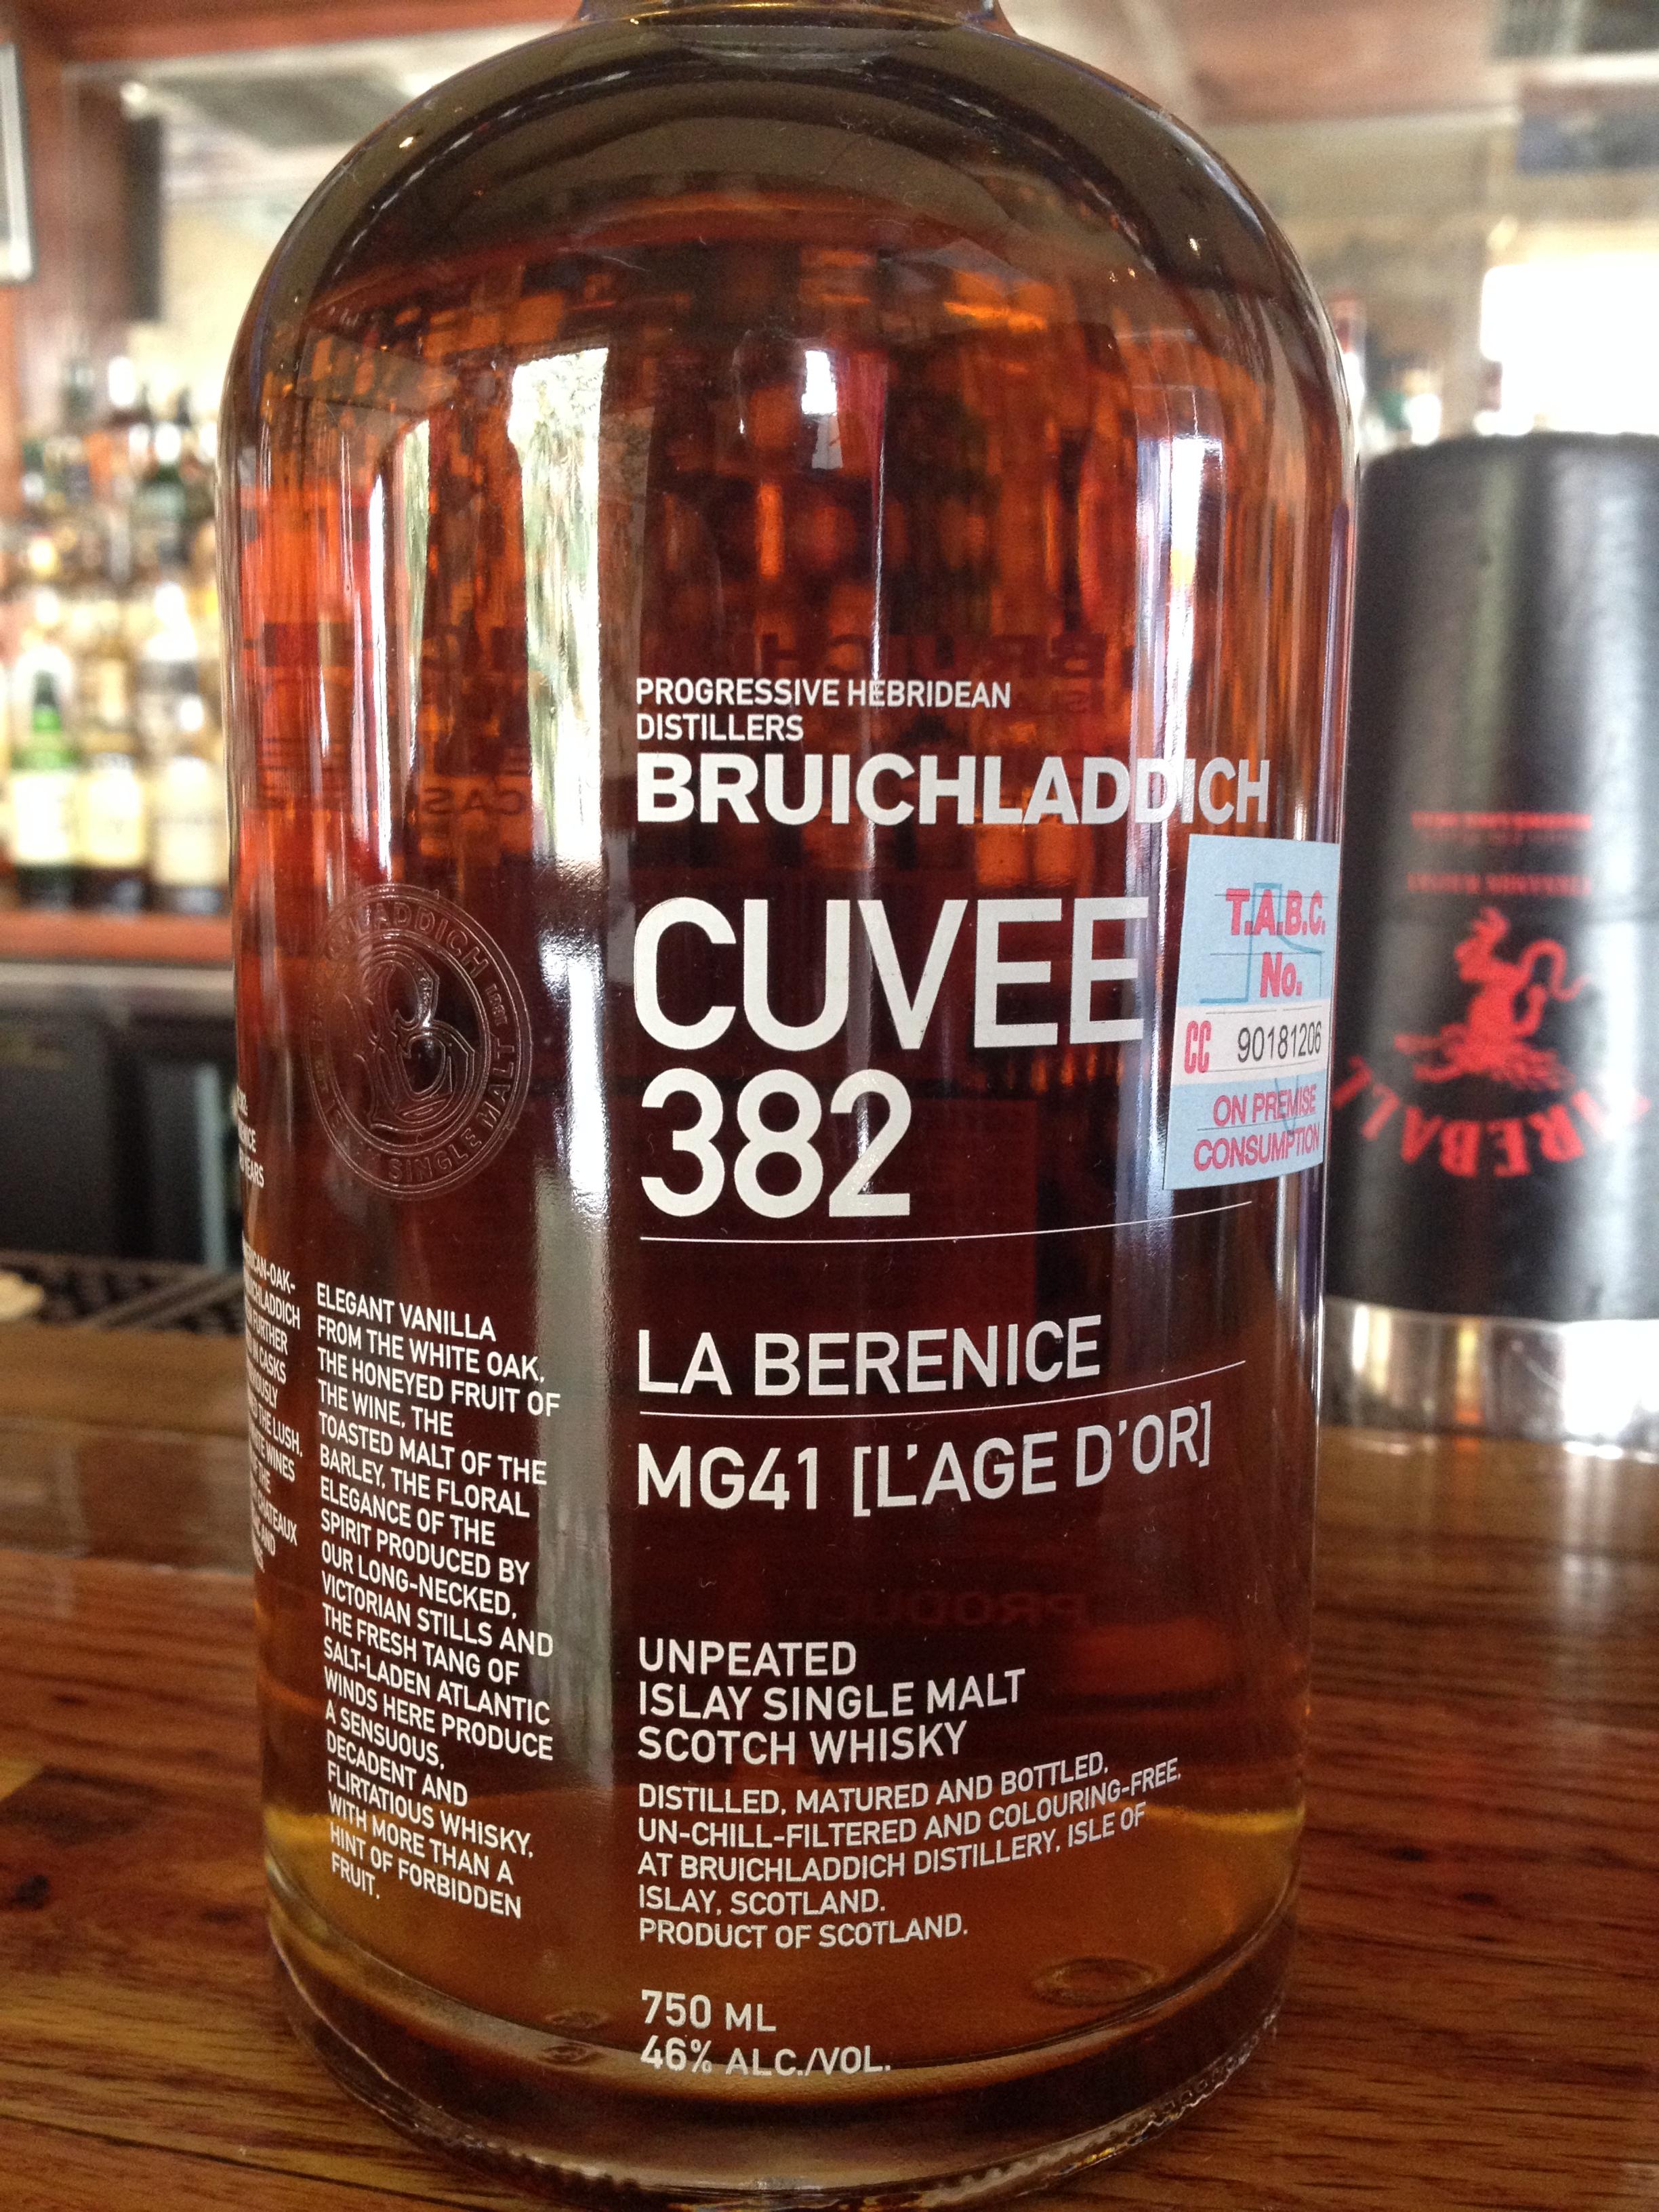 21 Year Old | 46% ABV - Distillery | Bruichladdich